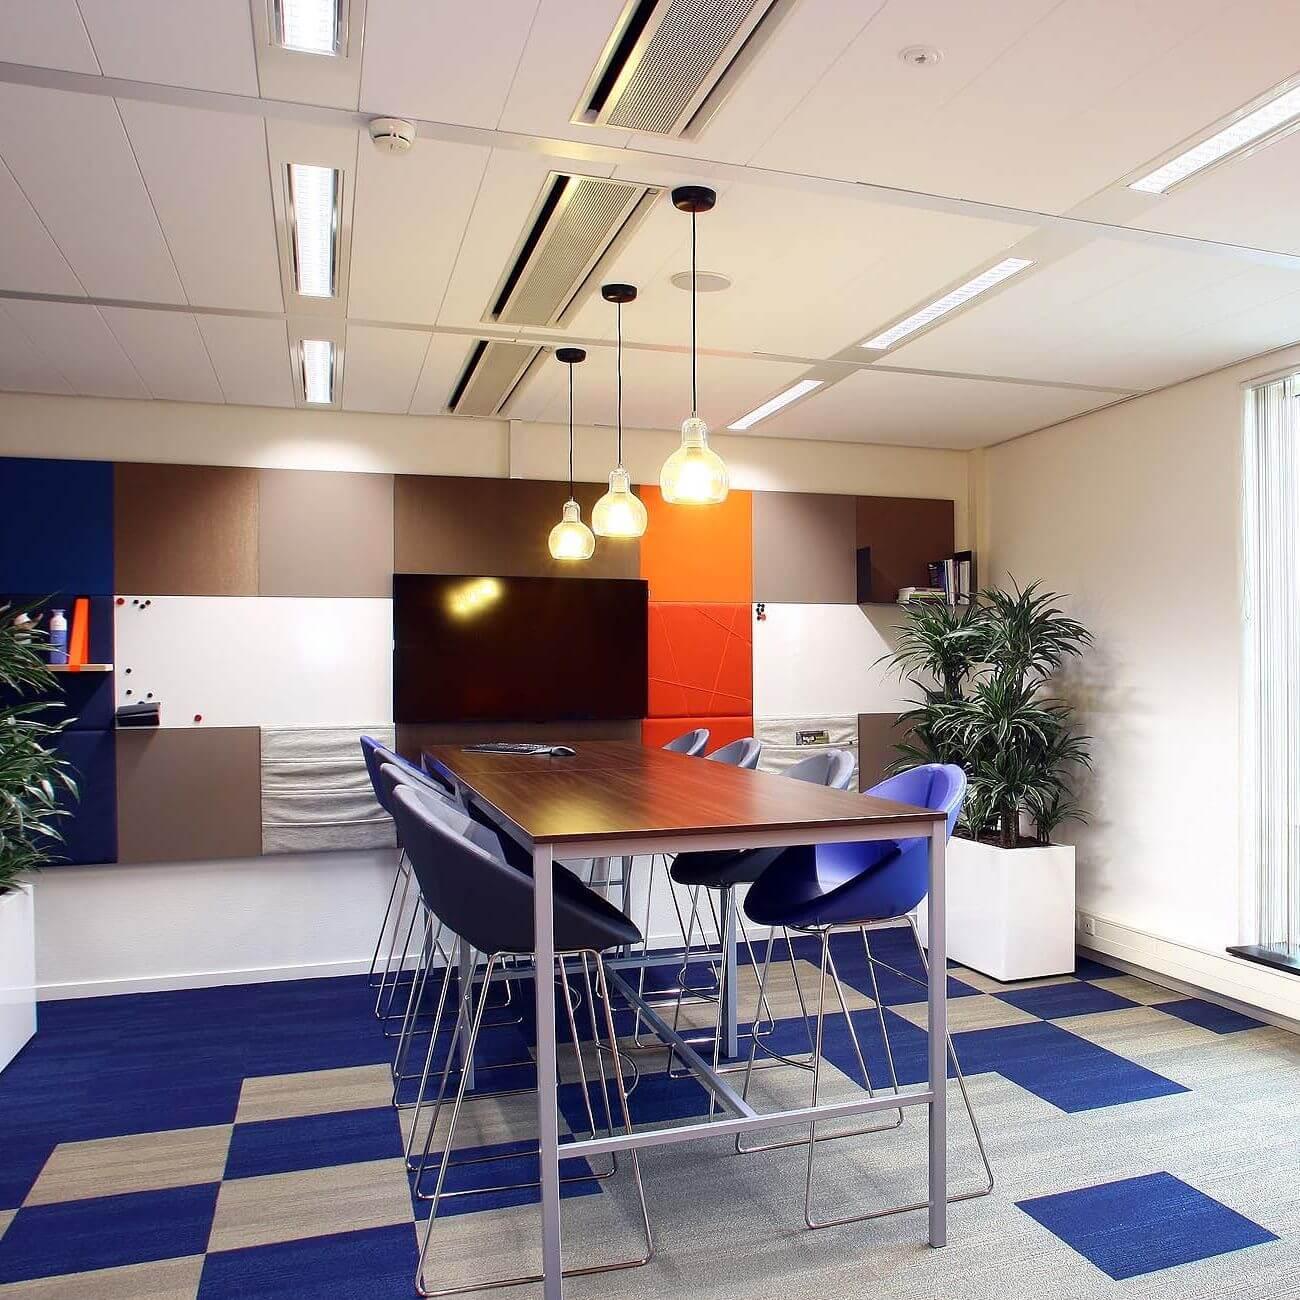 Kantoor<em>LED-oplossingen voor het werken van morgen</em>